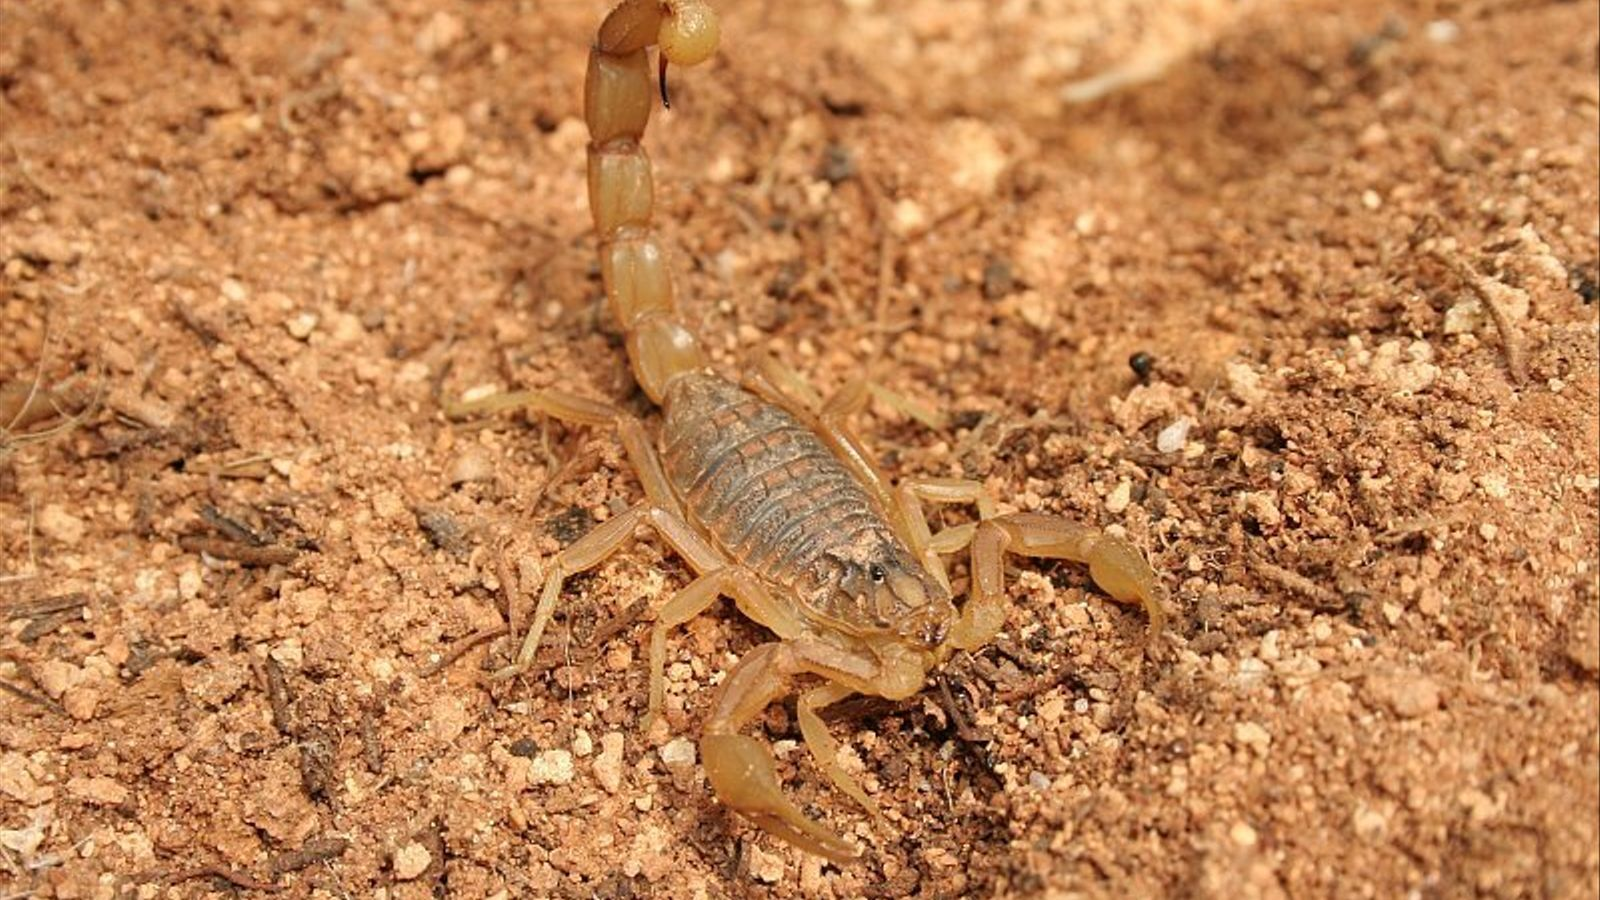 La picada de l'escorpí groc o  'Buthus occitanus' causa un dolor molt intens i pot dur més complicacions